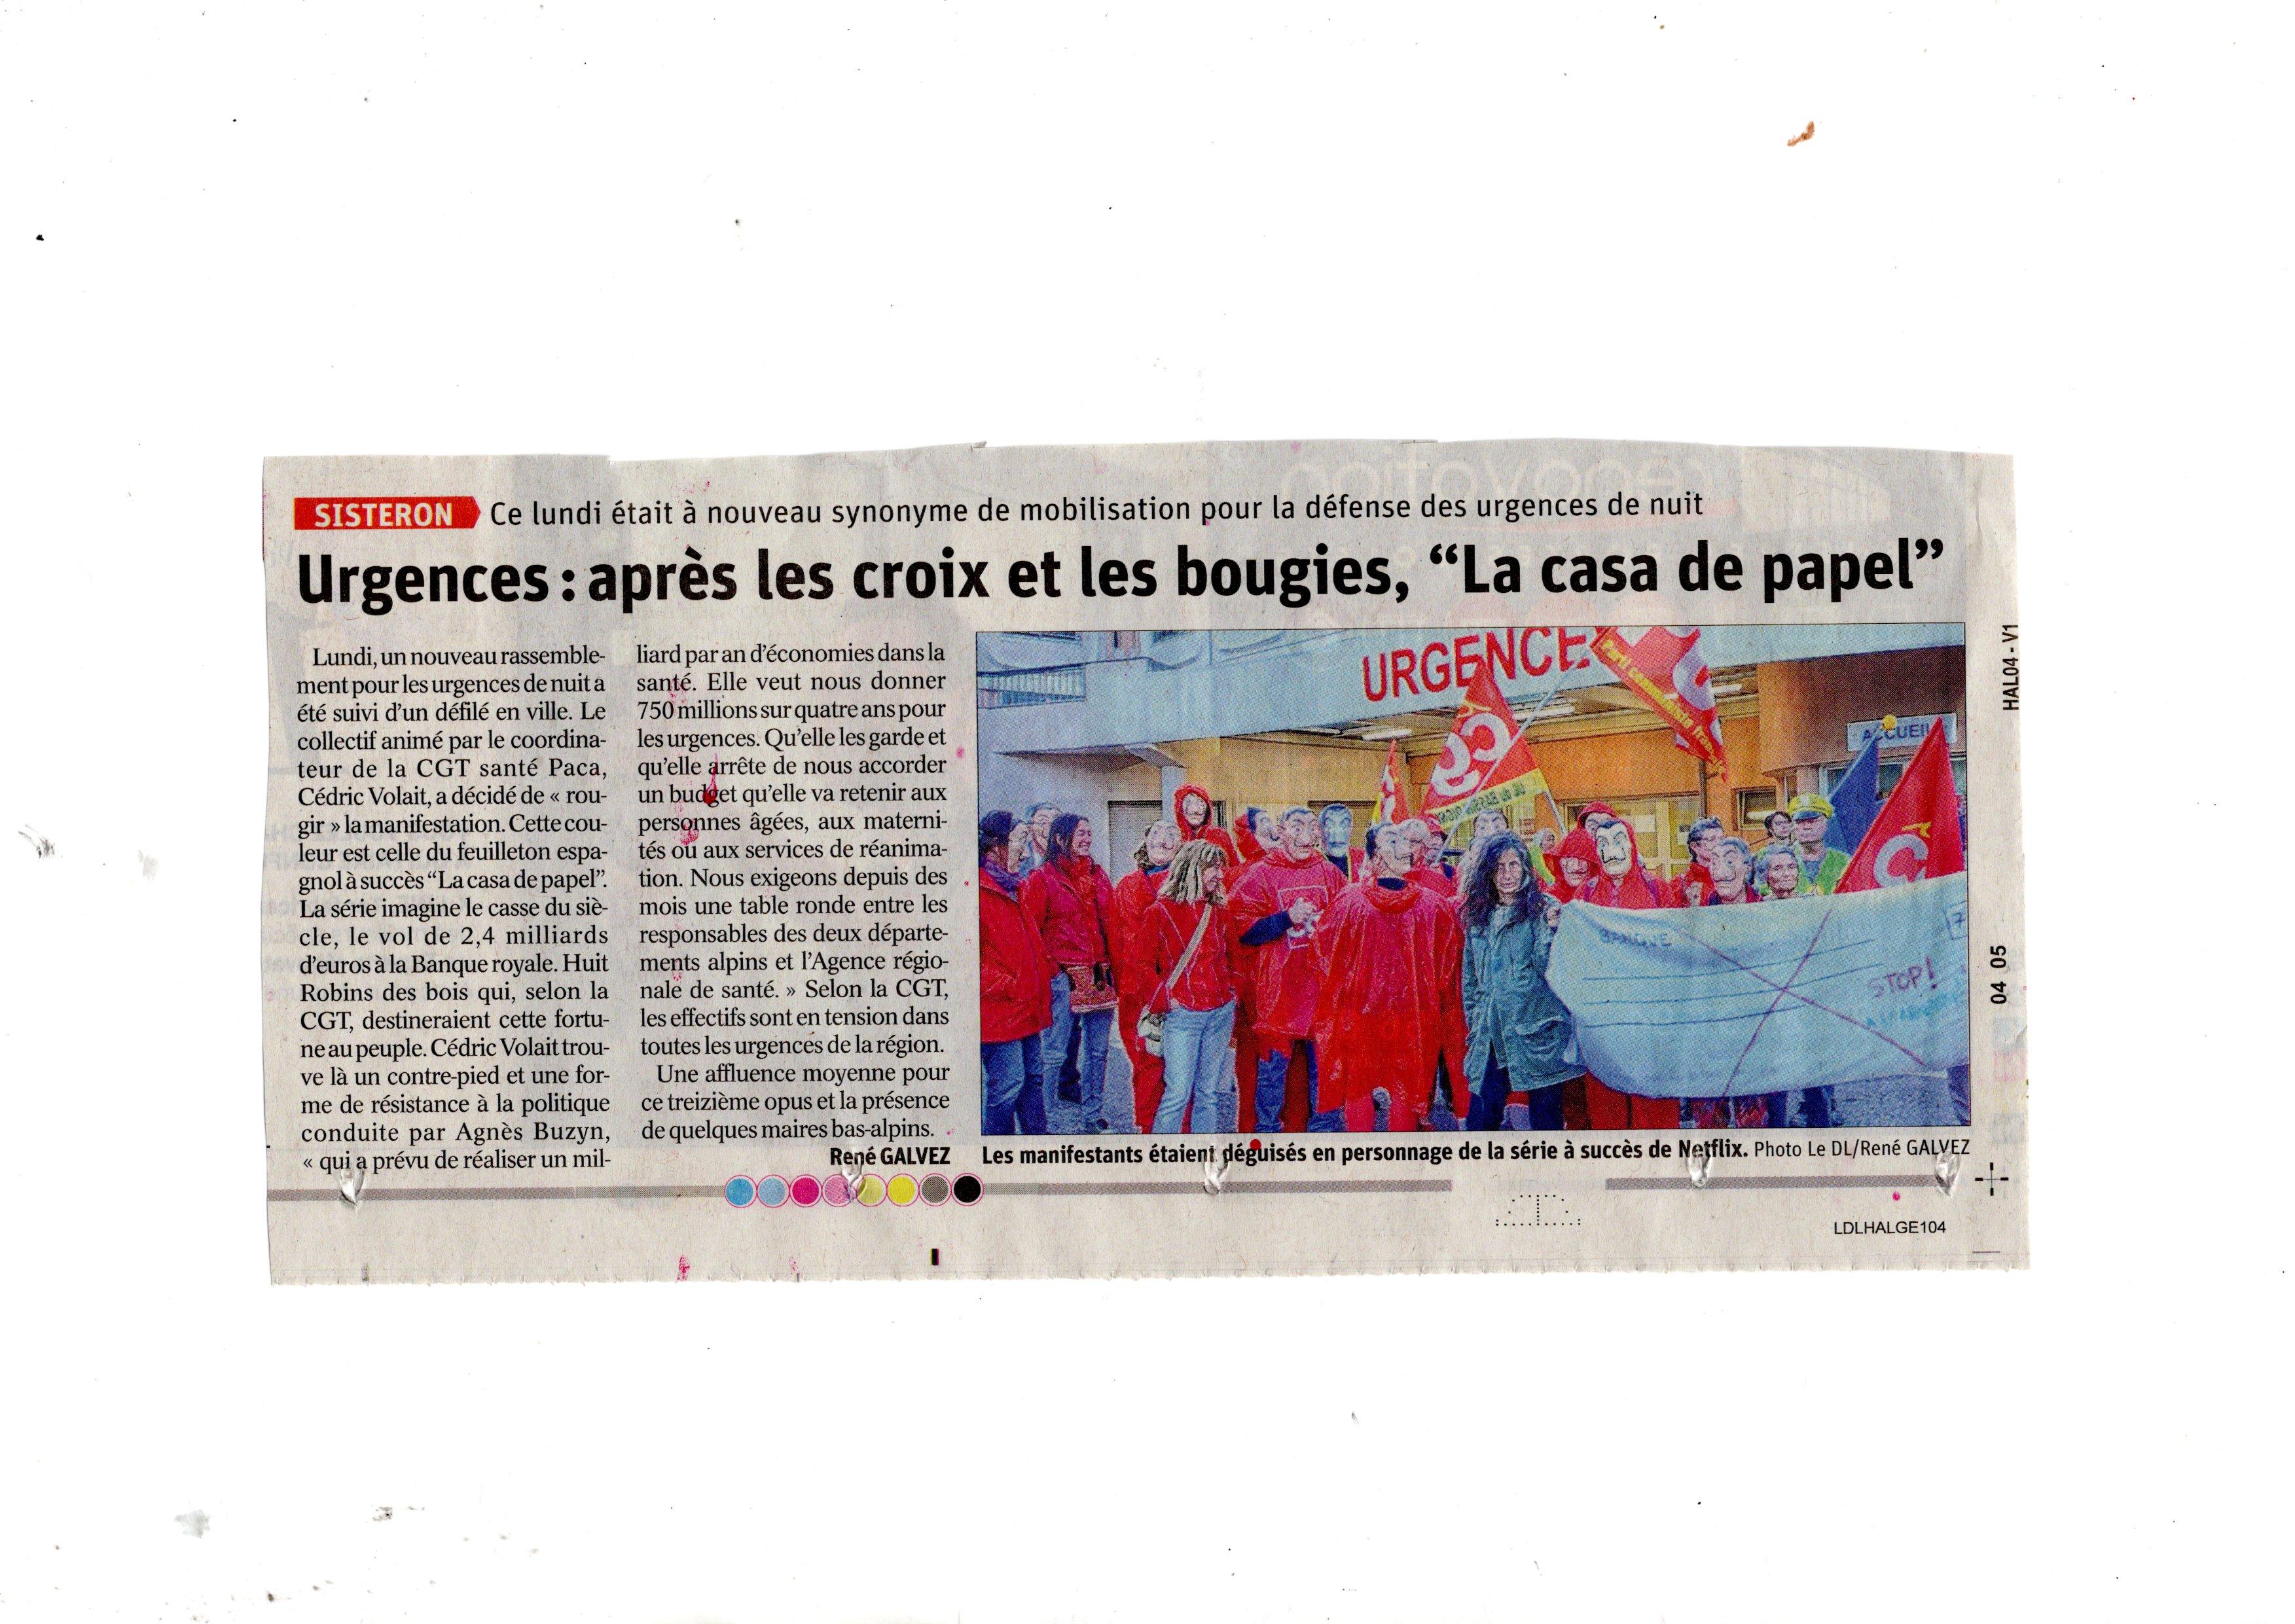 Article Le Dauphiné Urgences Sisteron Casa de Papel